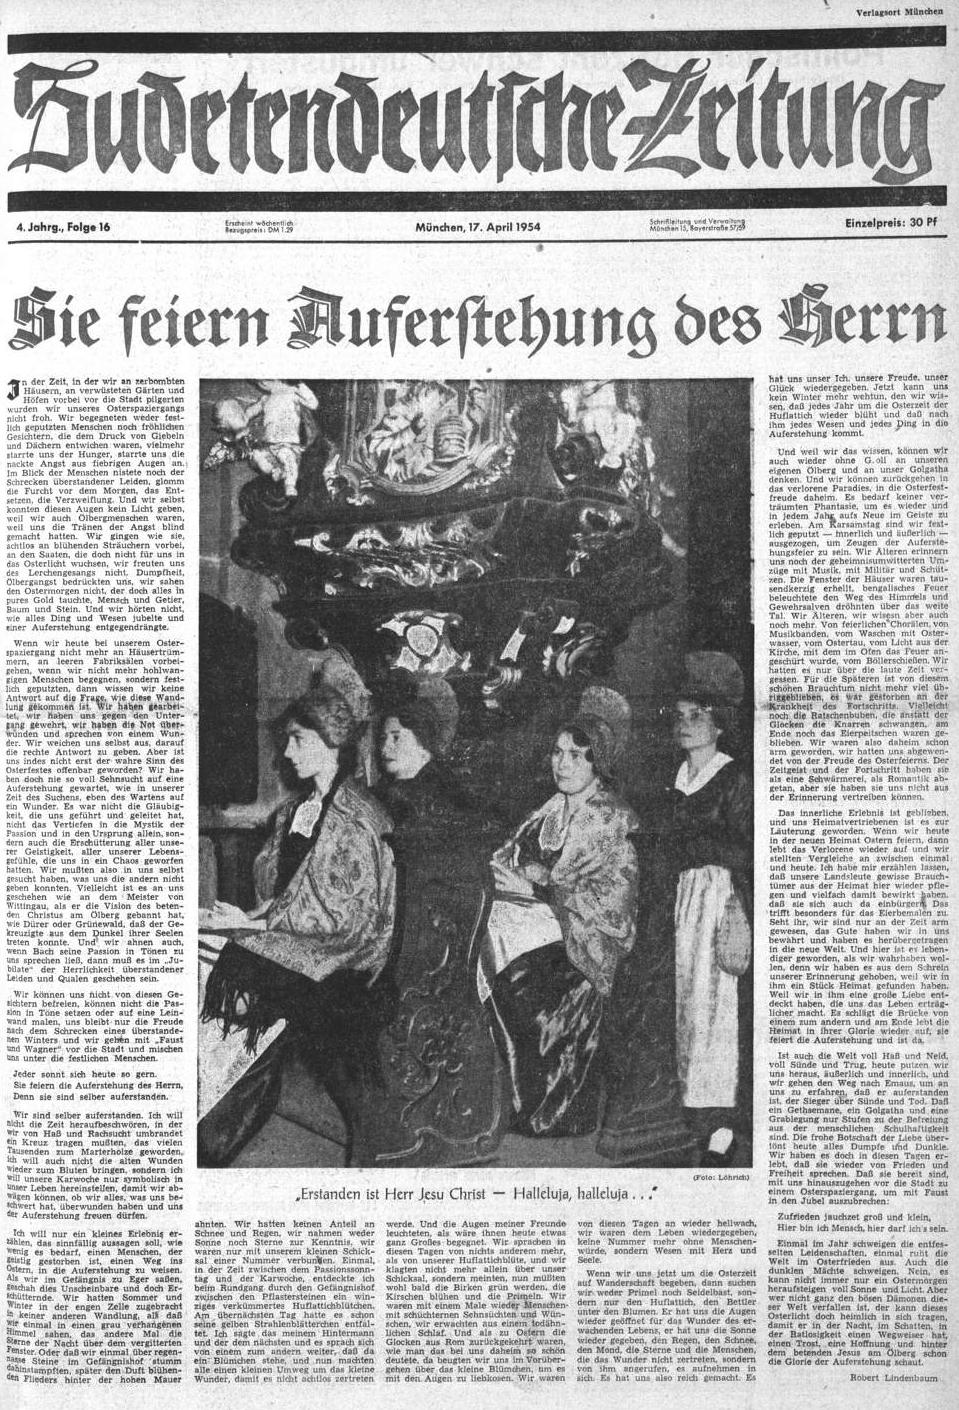 Jeho velikonoční poselství bylo v roce 1954 úvodem svátečního čísla Sudetendeutsche Zeitung